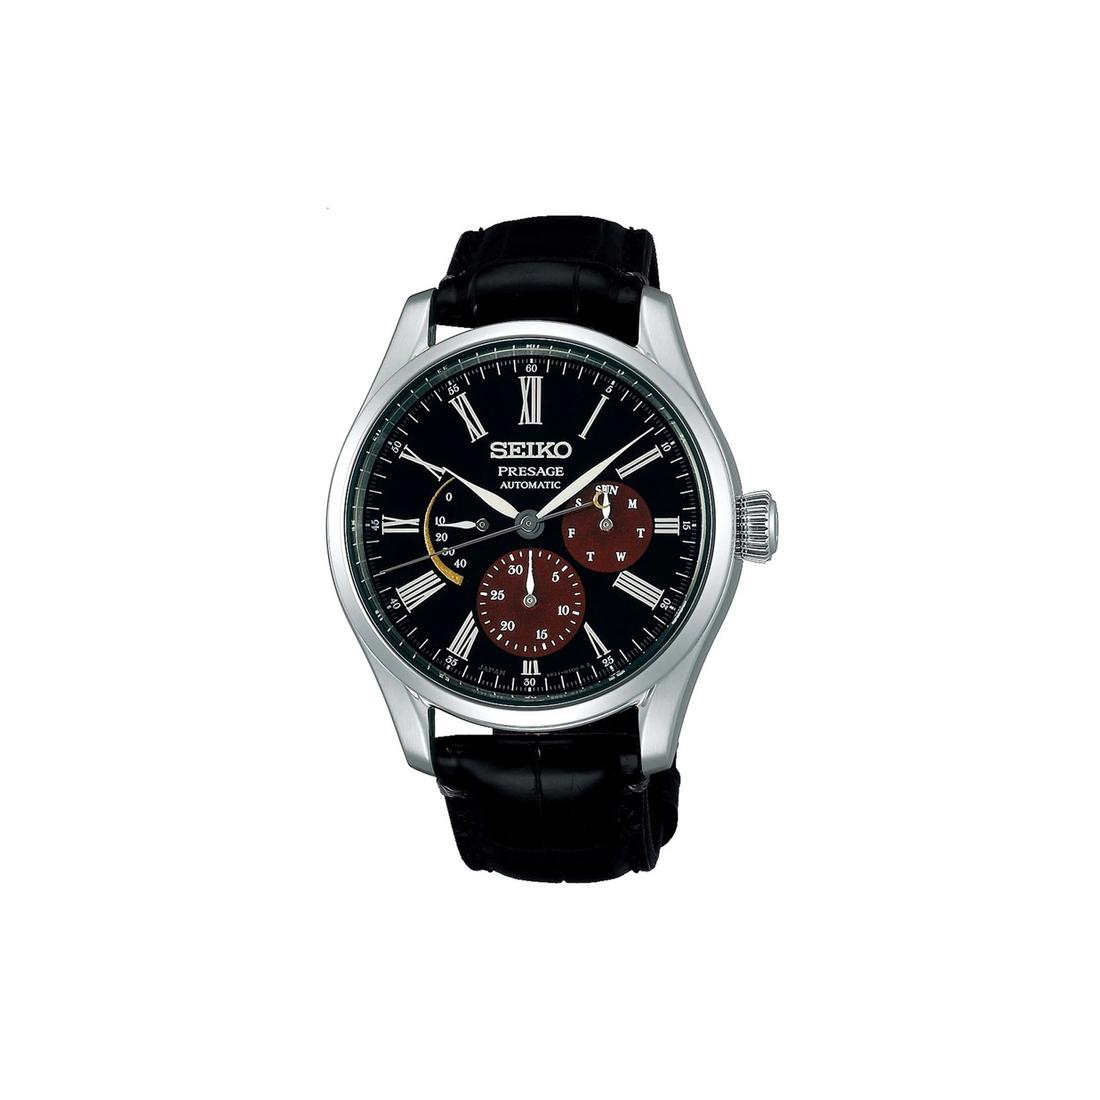 Jam Tangan Original Protrek PRG-505T-7DR Protrek